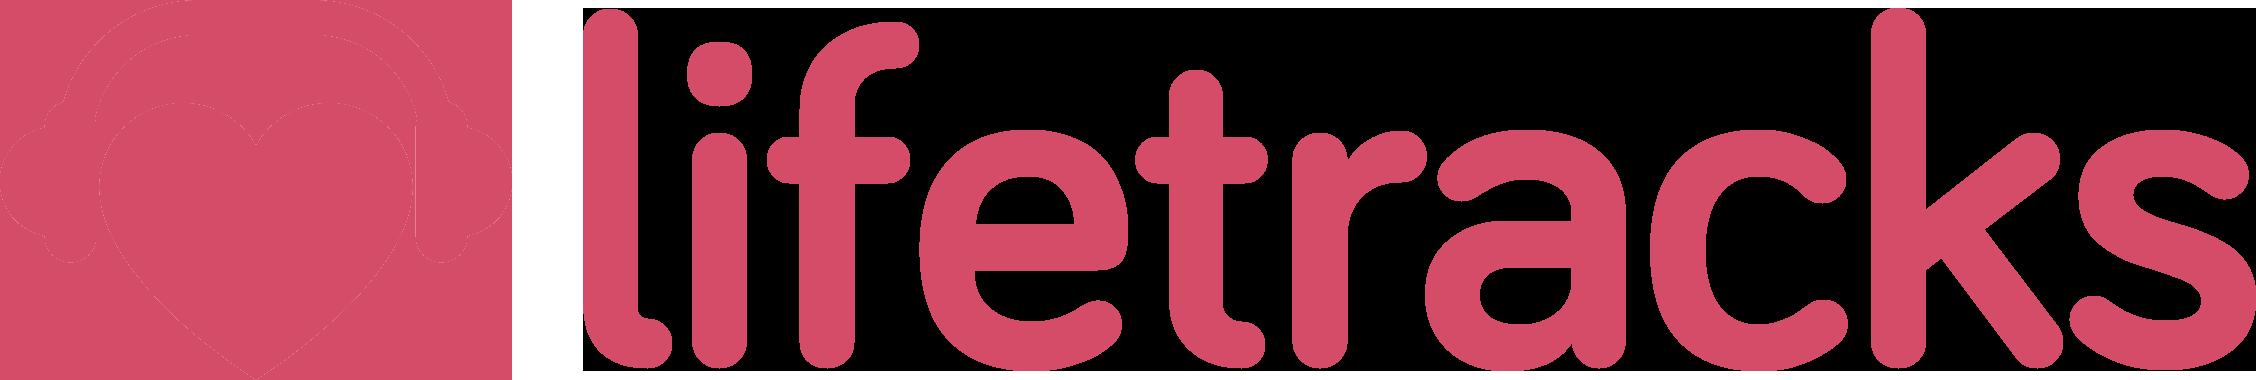 lt-logo-red